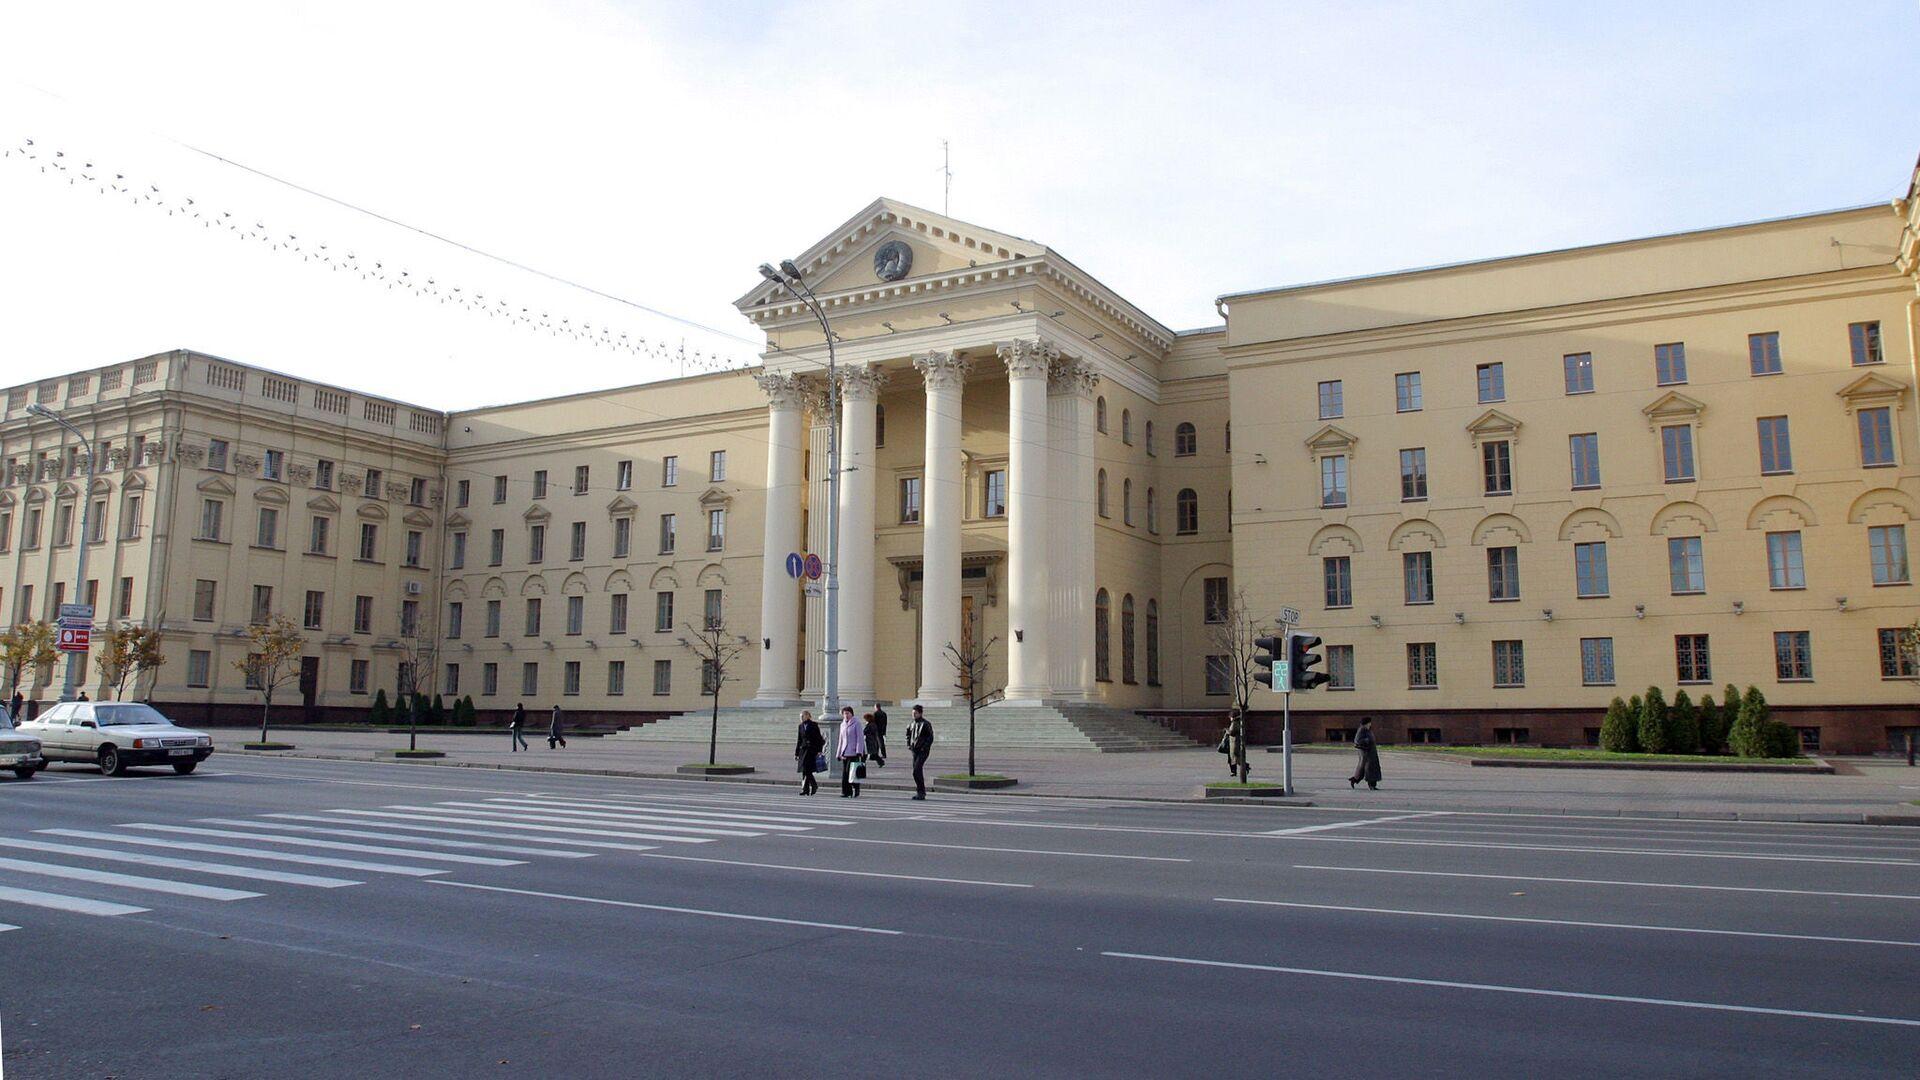 Budynek KGB na Białorusi w Mińsku  - Sputnik Polska, 1920, 08.09.2021